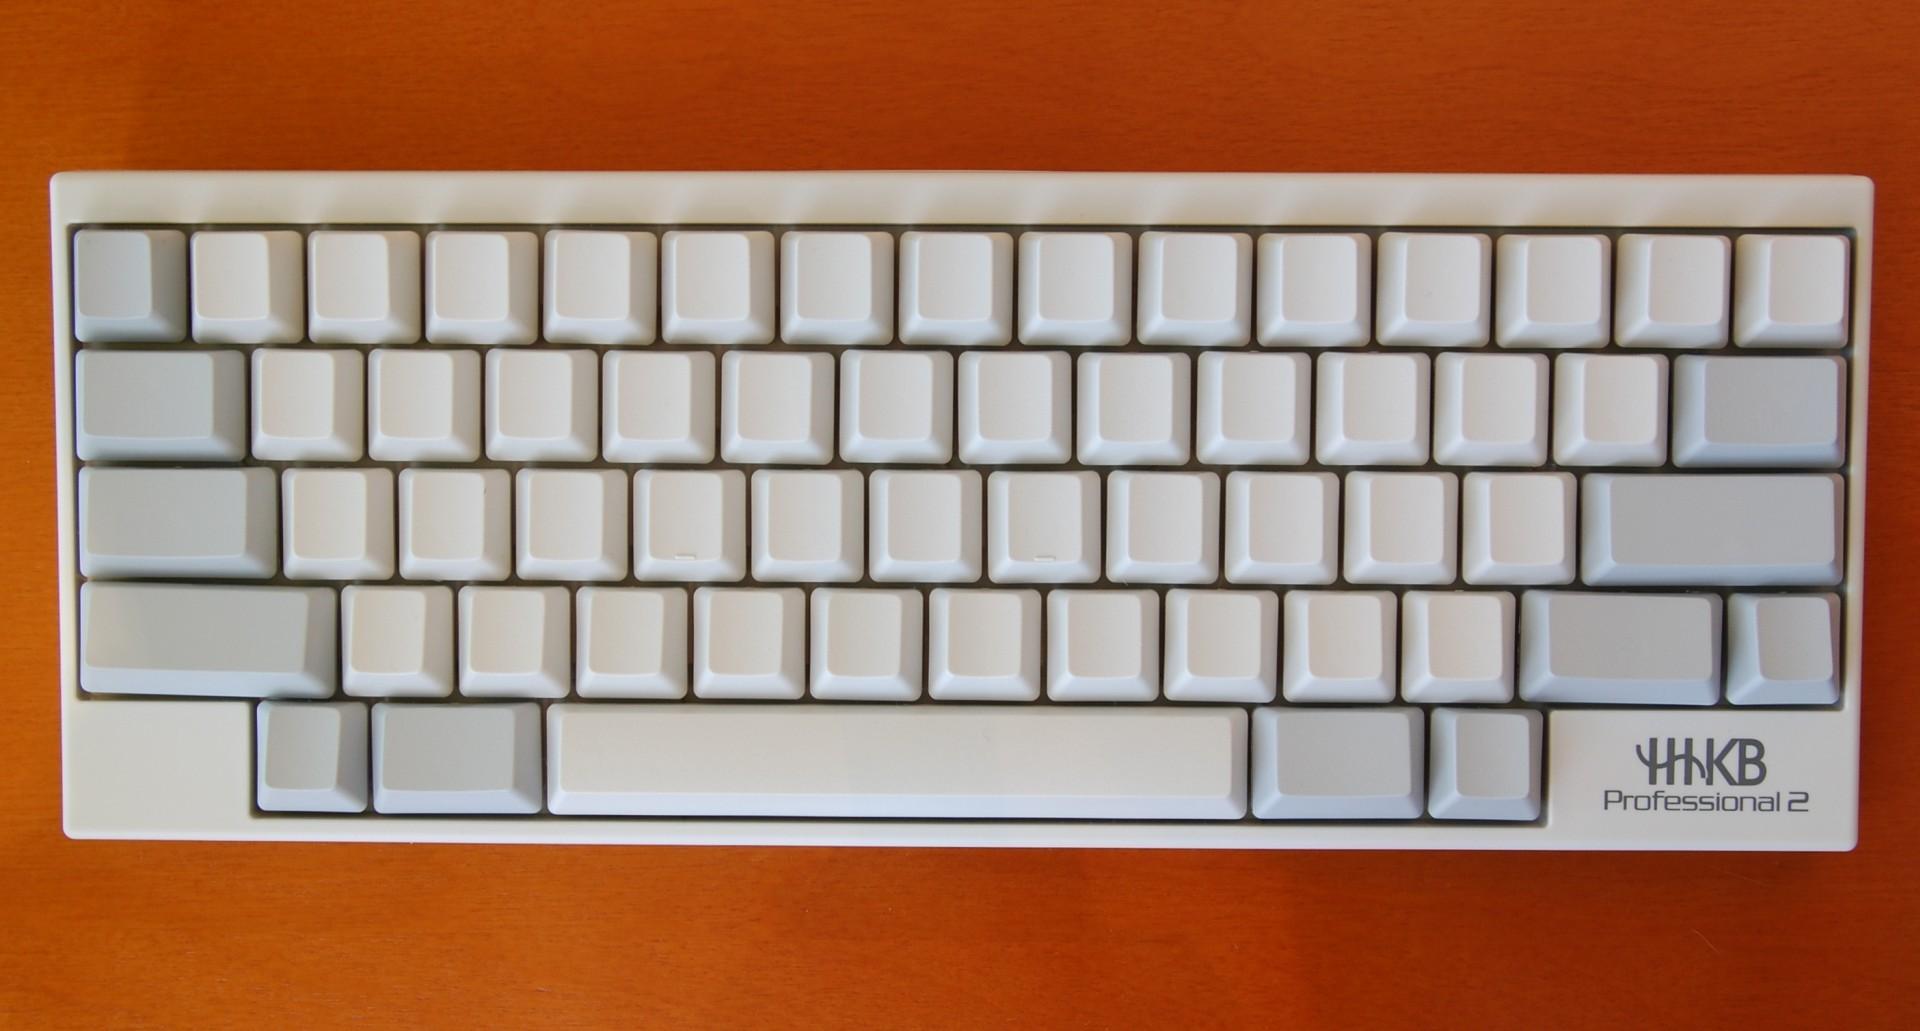 Восстановление классической клавиатуры IBM Model F - 4